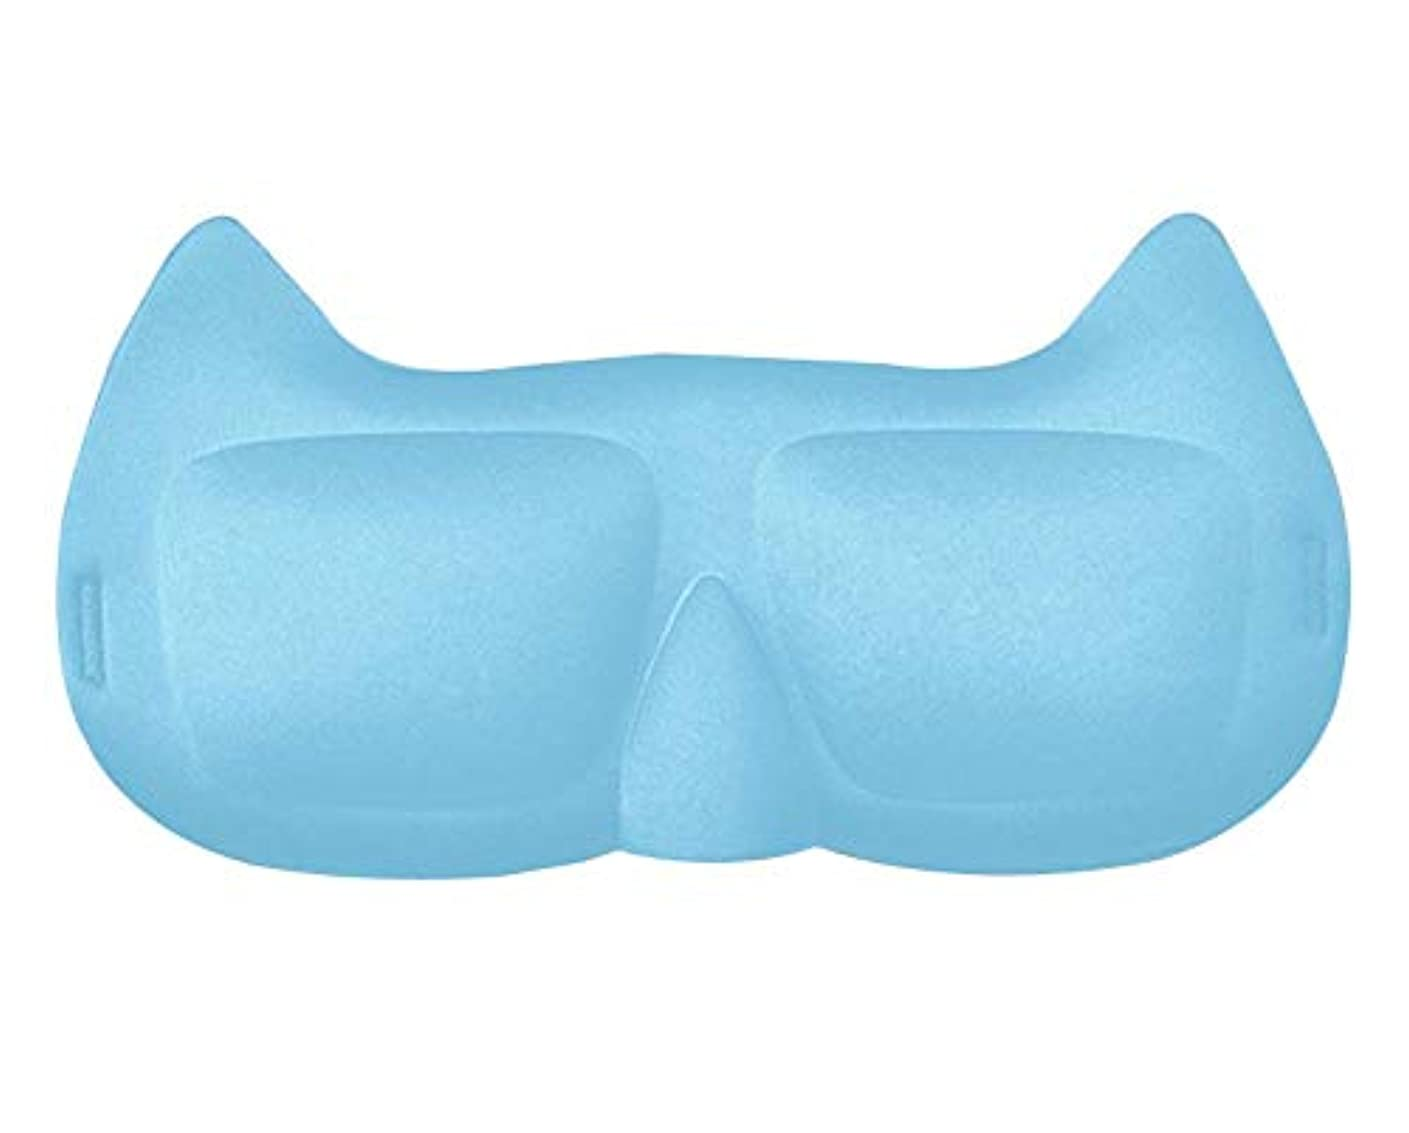 ご近所不調和数3Dスリープアイマスク睡眠、旅行、昼寝、シフト作業用の快適なアイカバー (青)